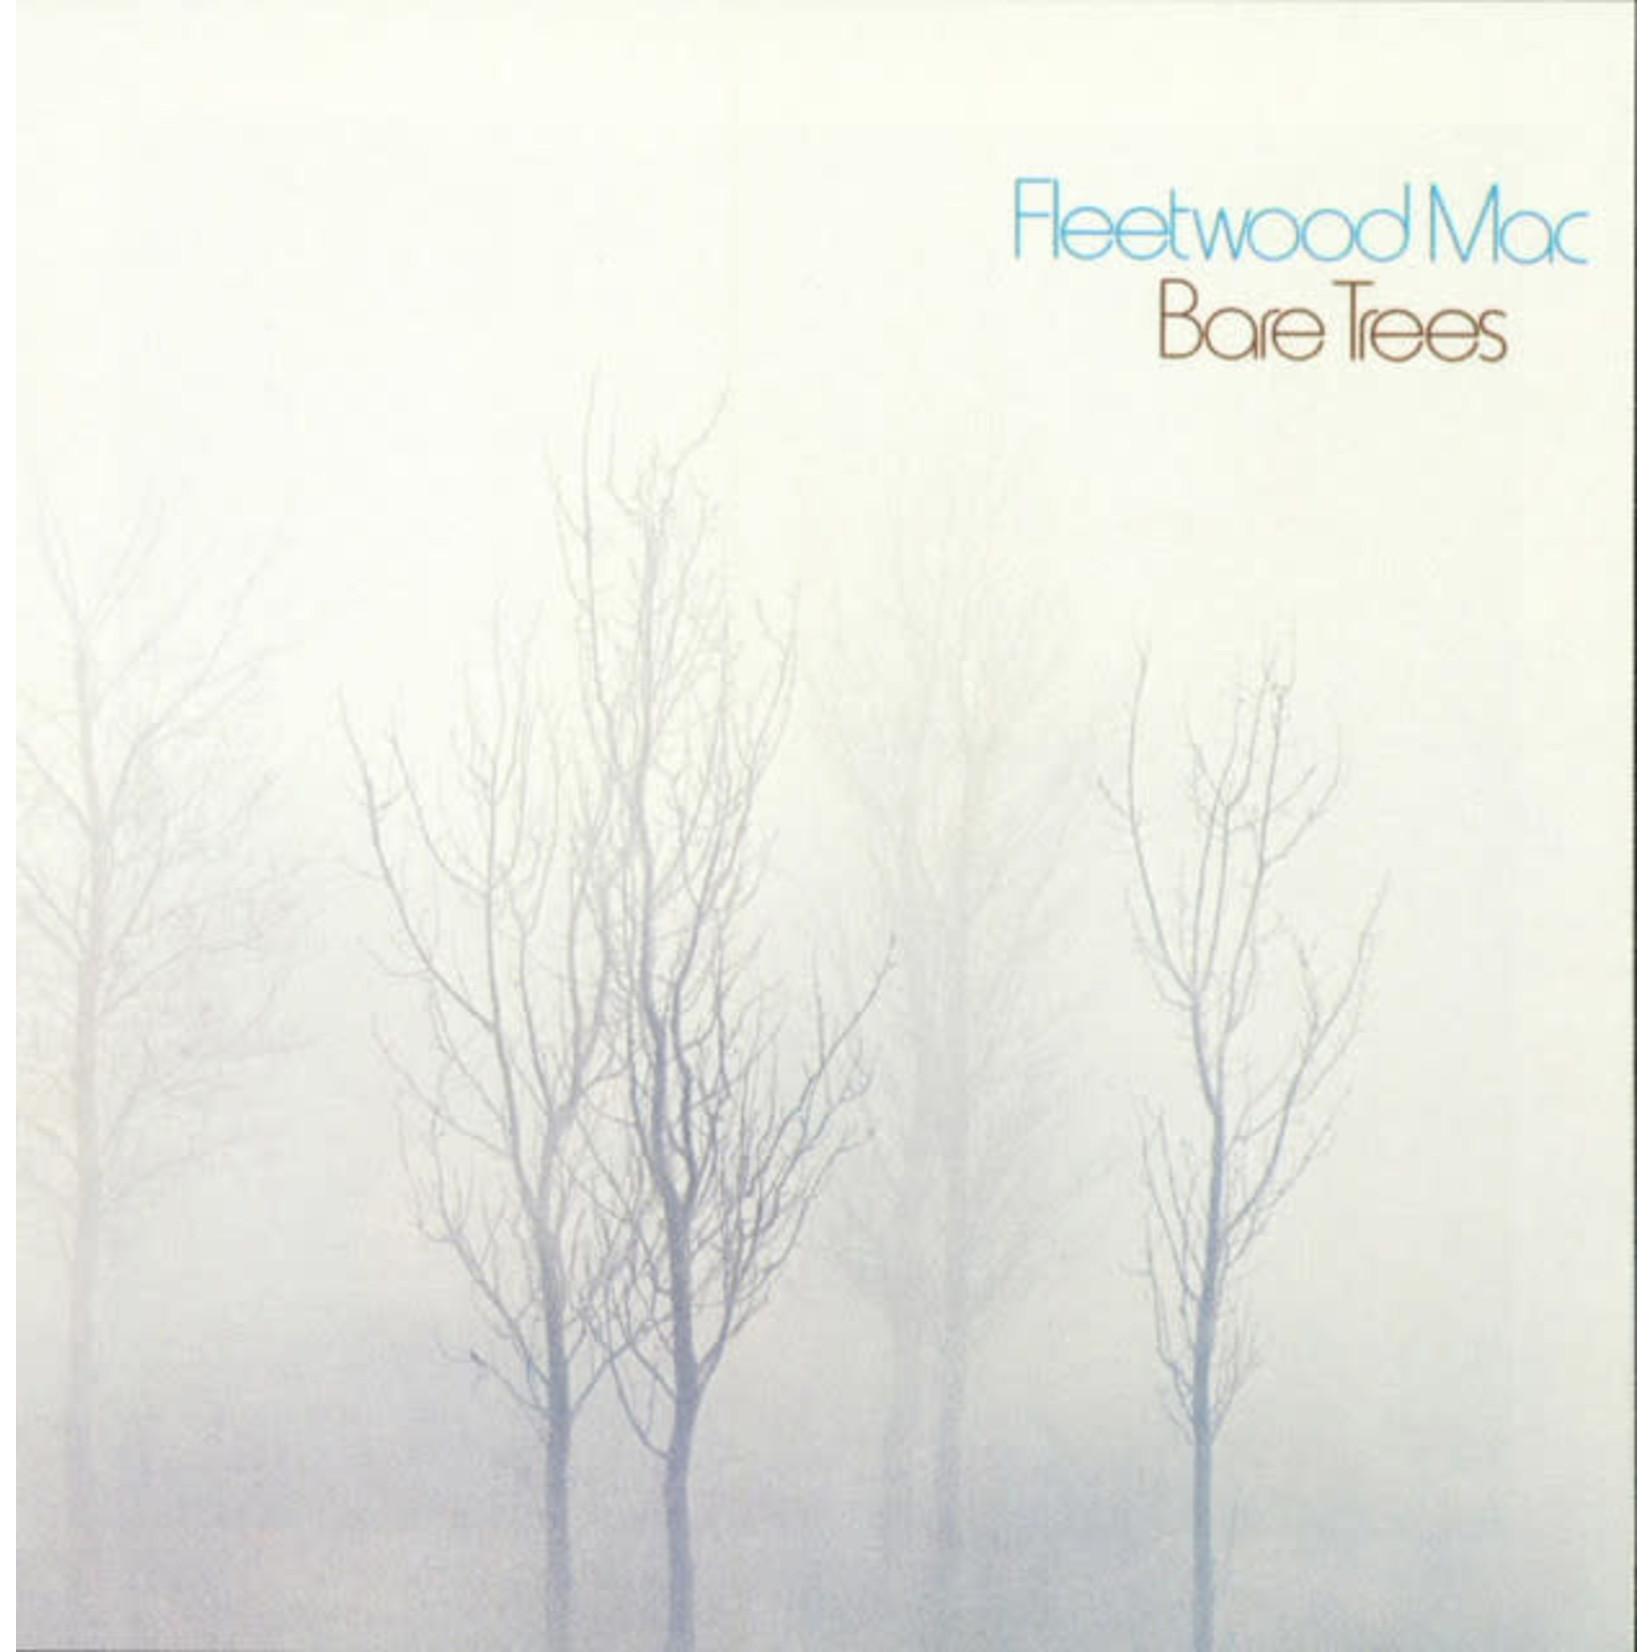 Vinyl Fleetwood Mac - Bare Trees